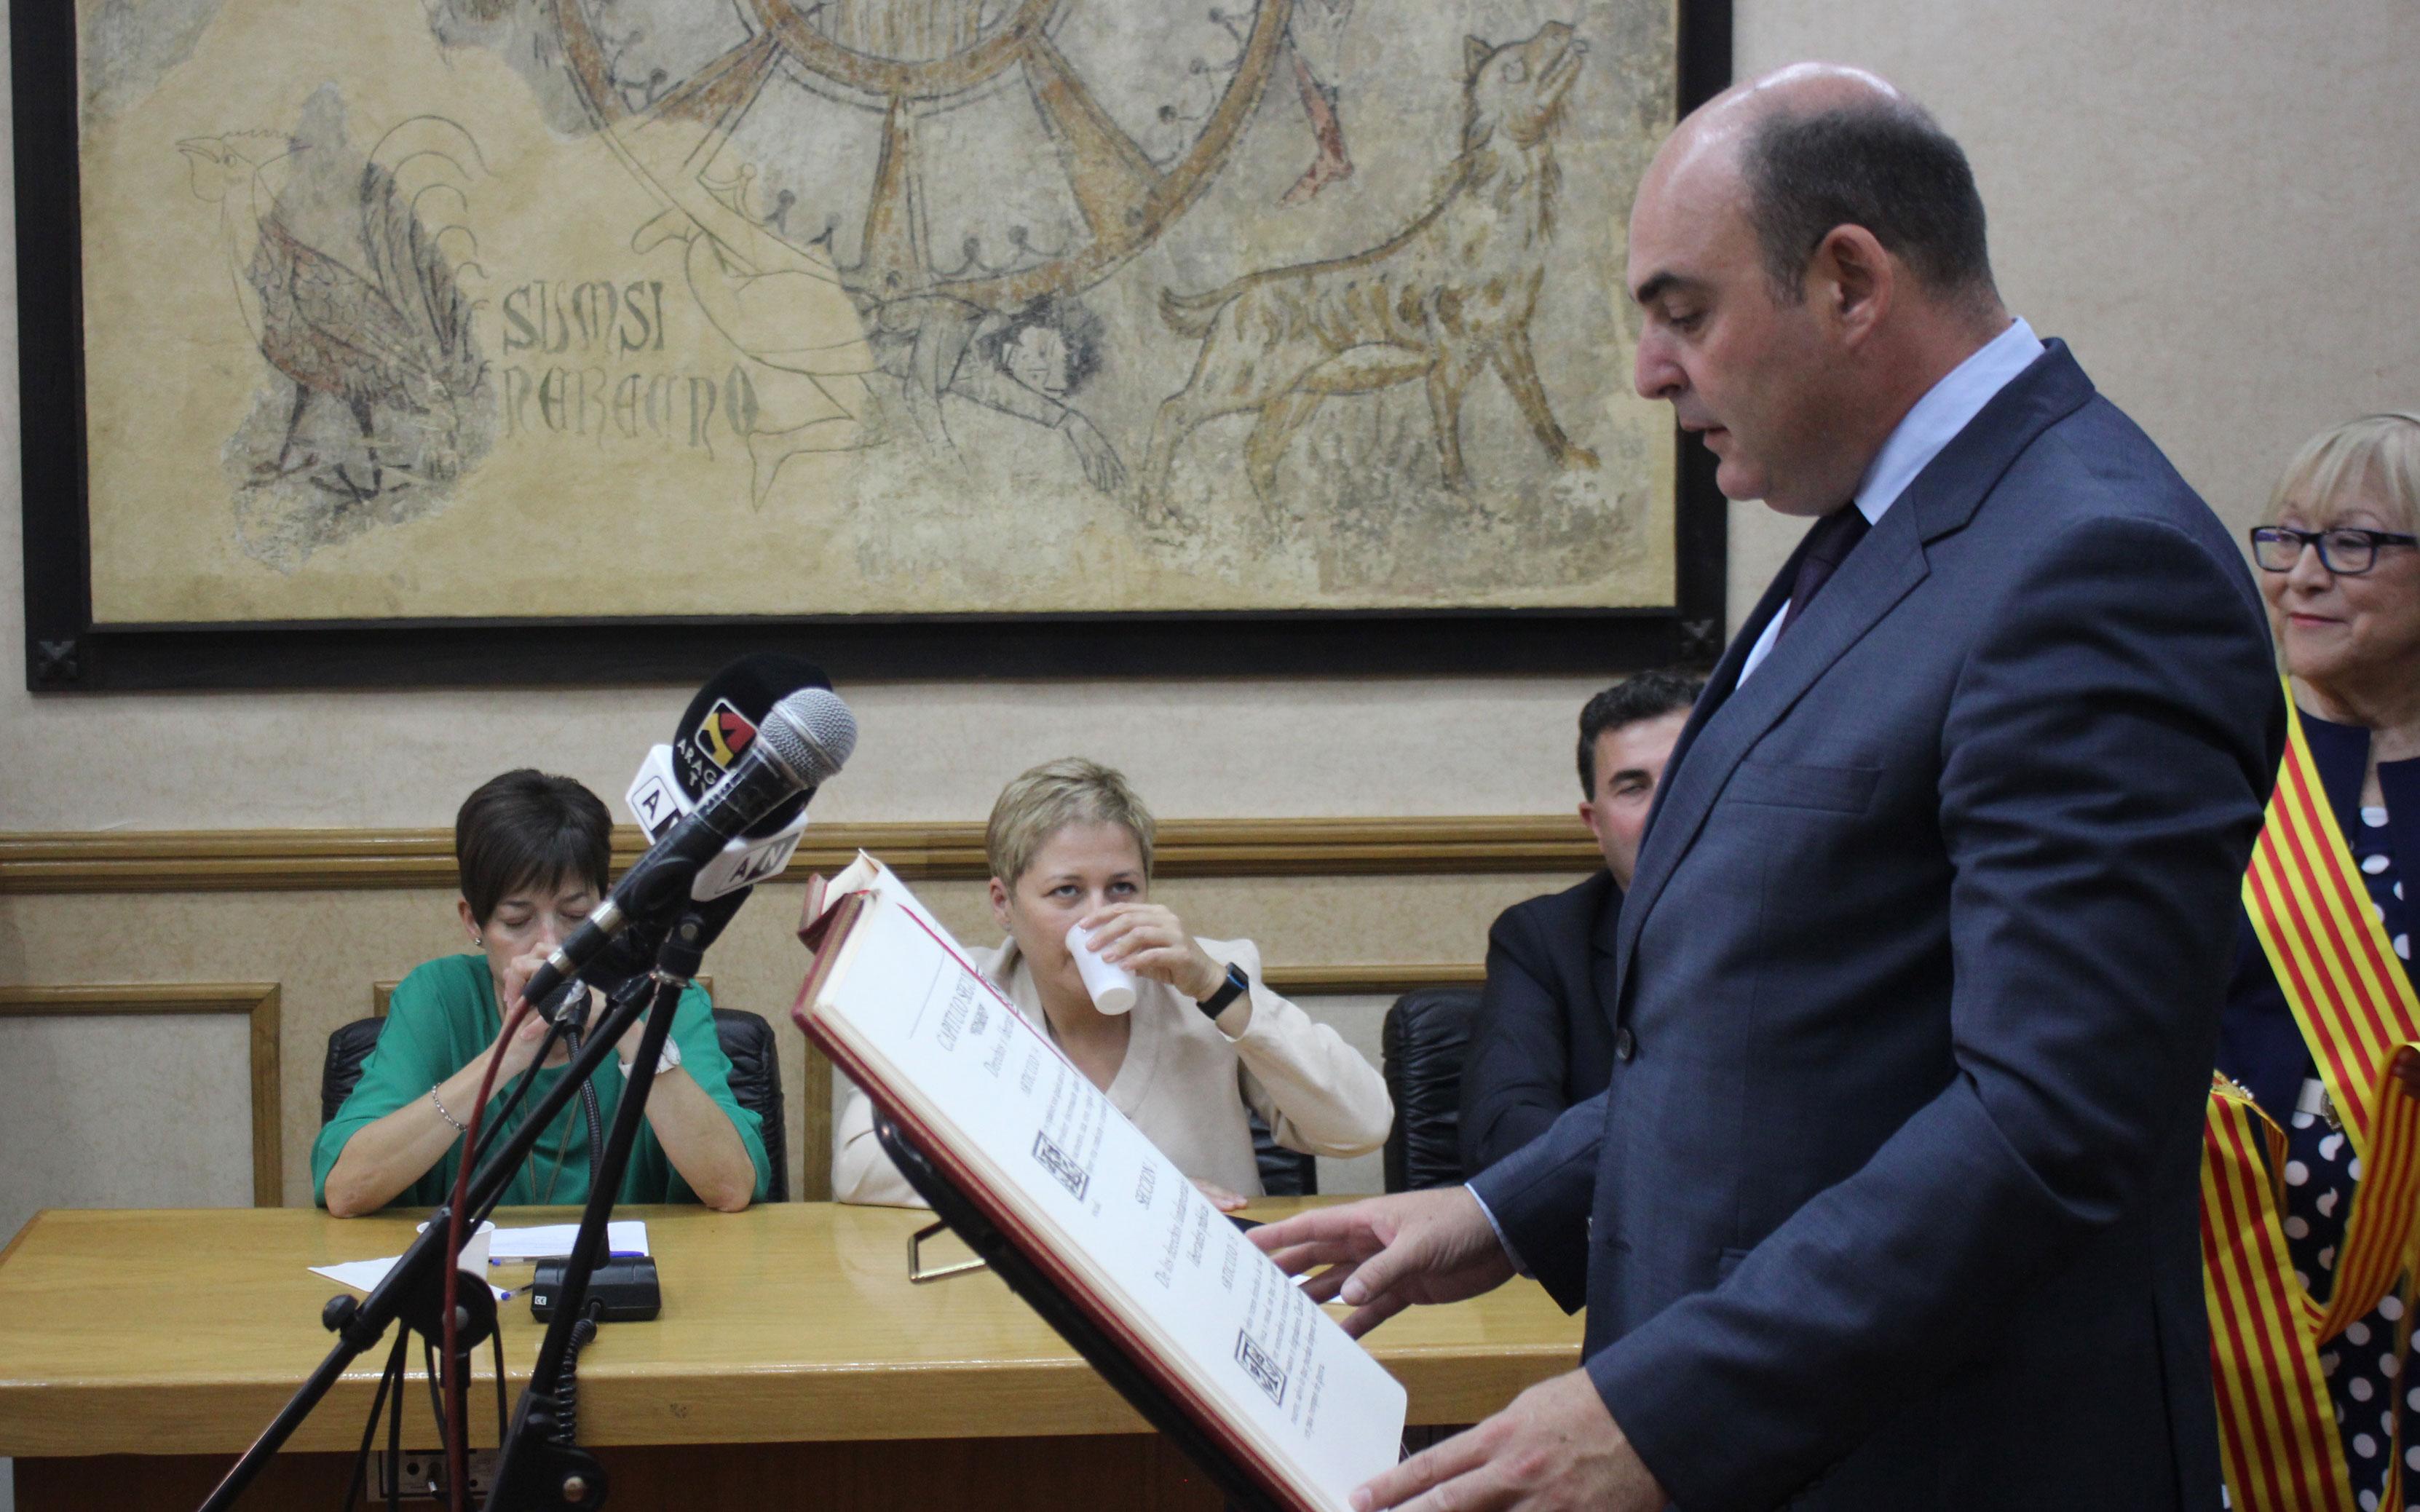 Juan Carlos Gracia, exalcalde, jurando el acta de concejal